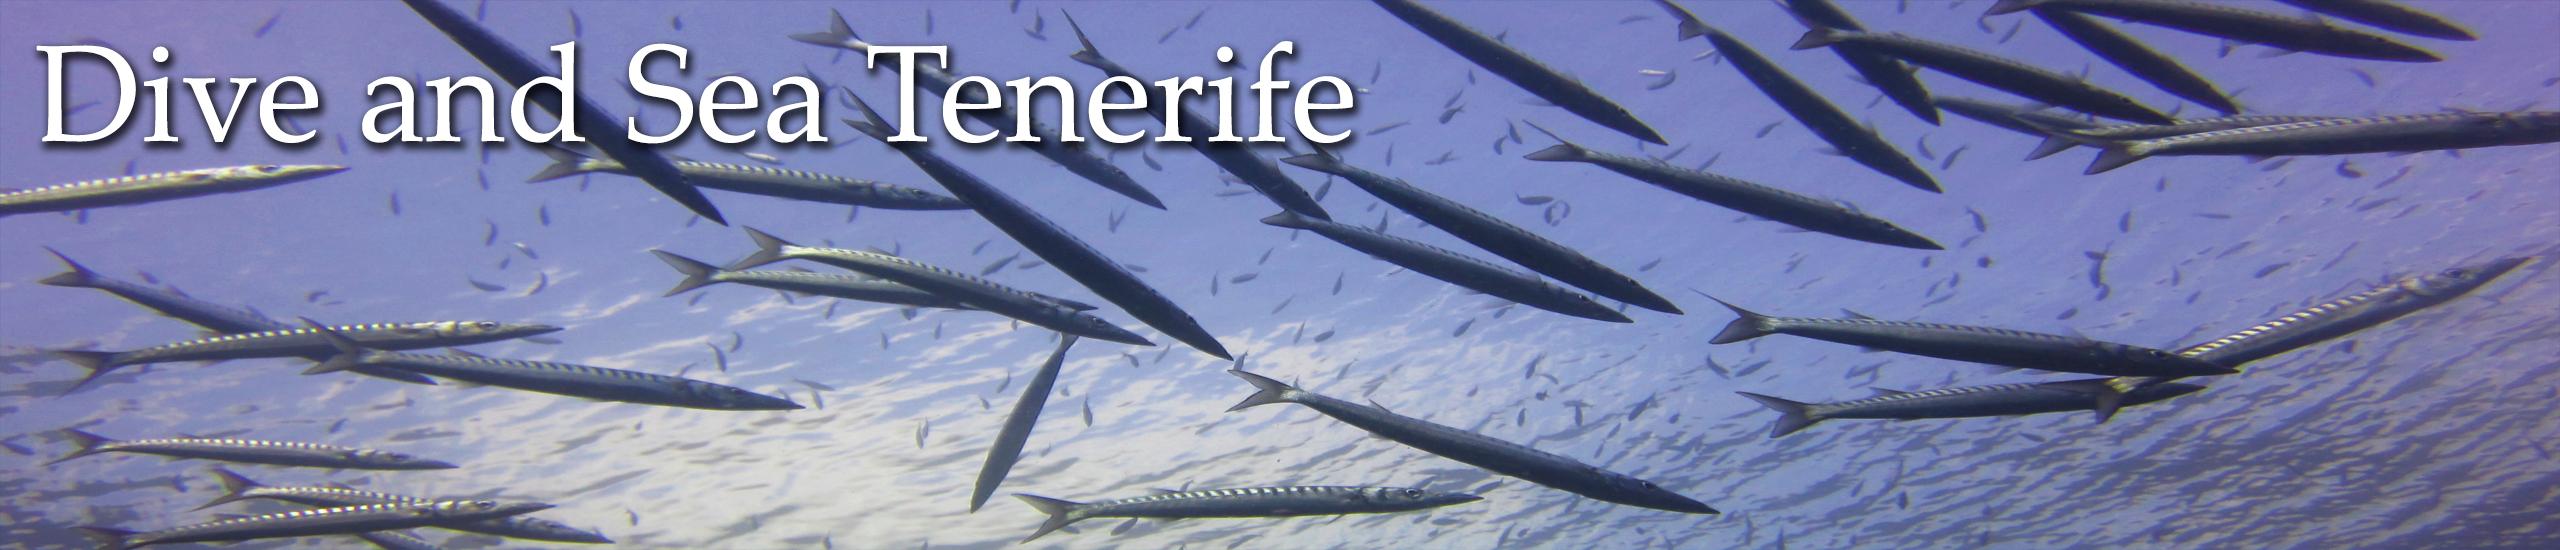 Diving in Tenerife-Dive-and-sea-tenerife-banner-barracuda